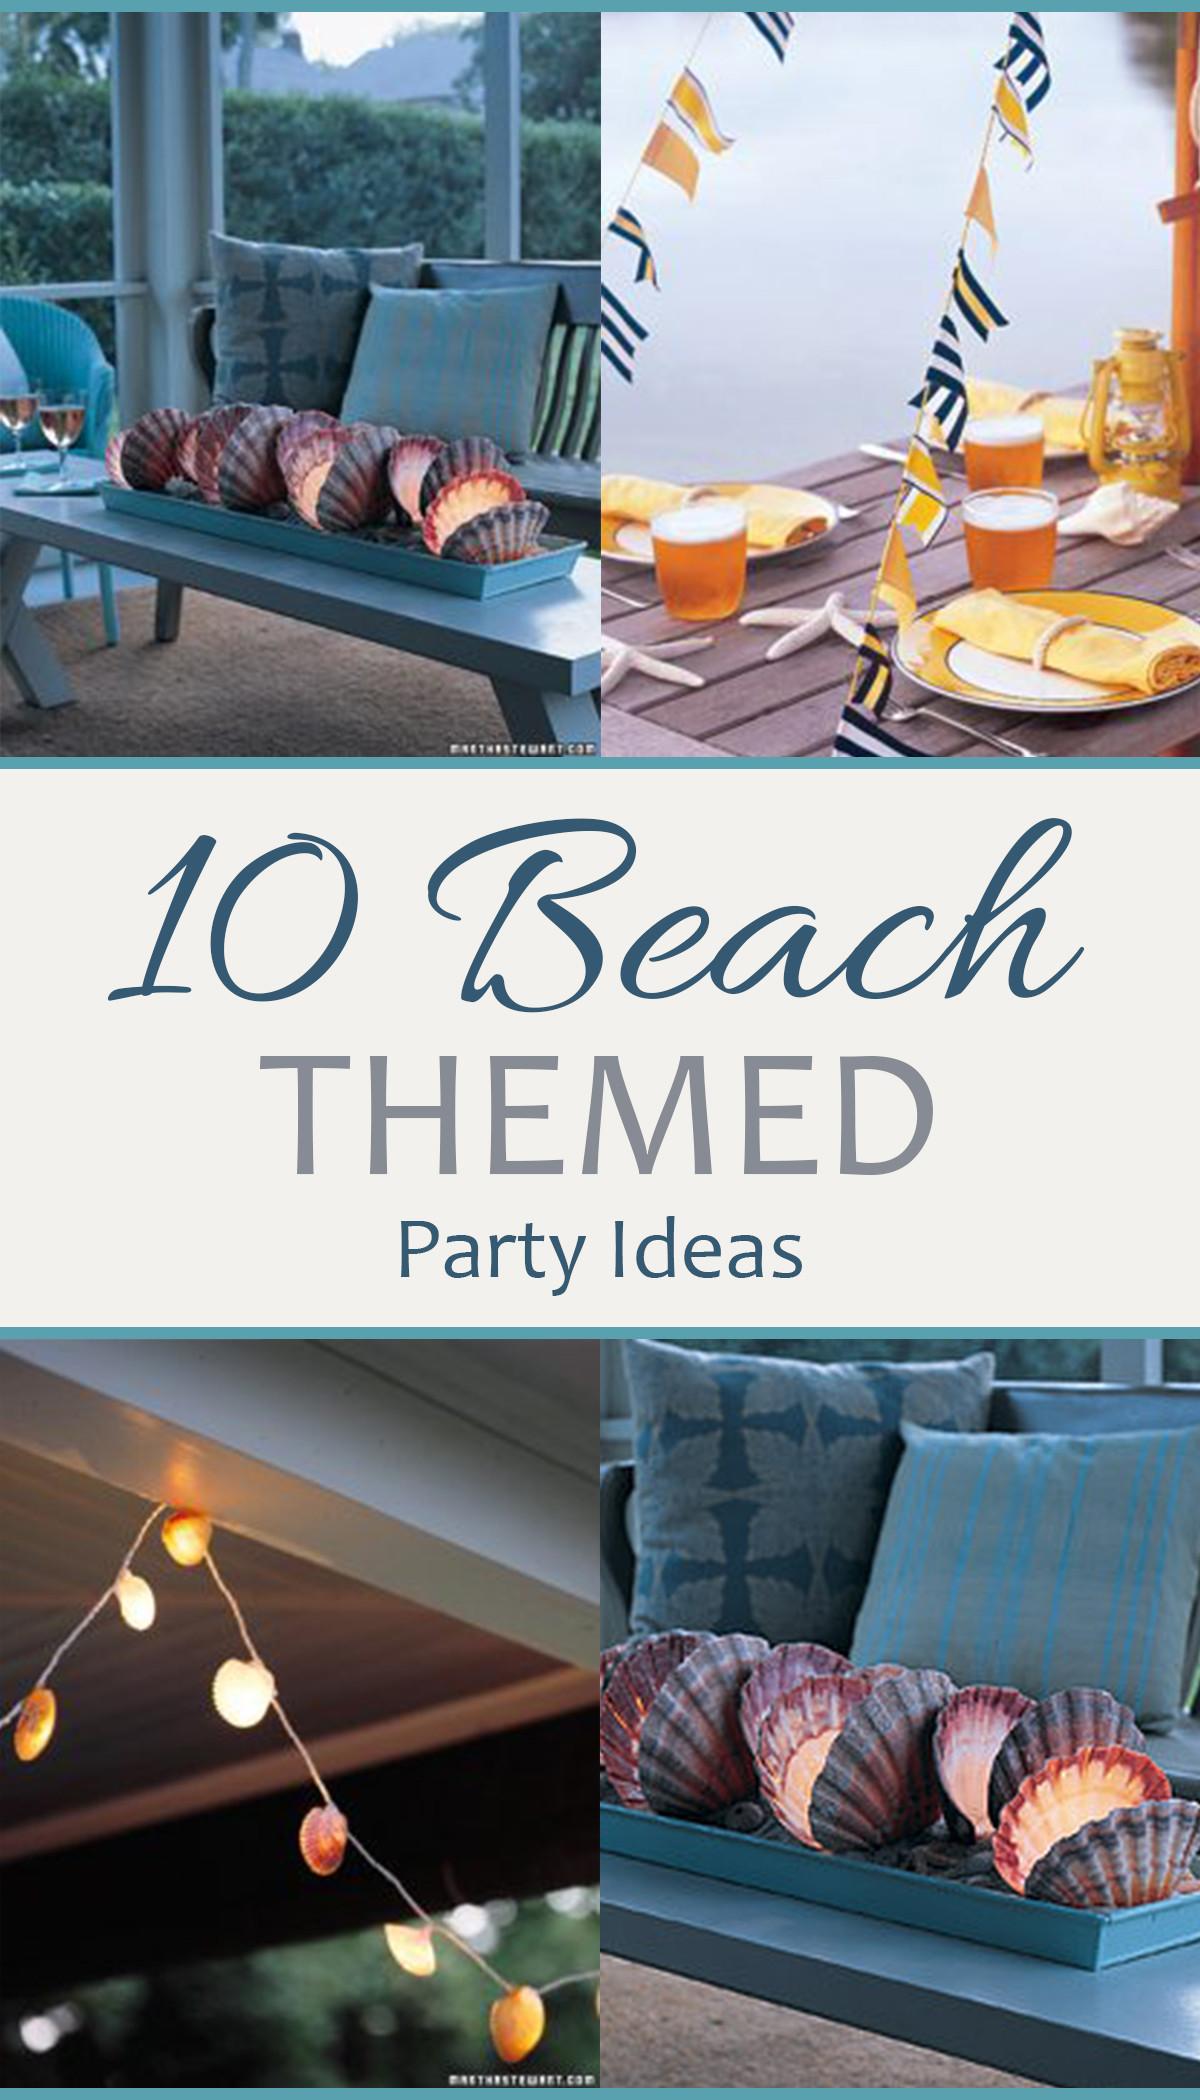 Party On The Beach Ideas  10 Beach Themed Party Ideas